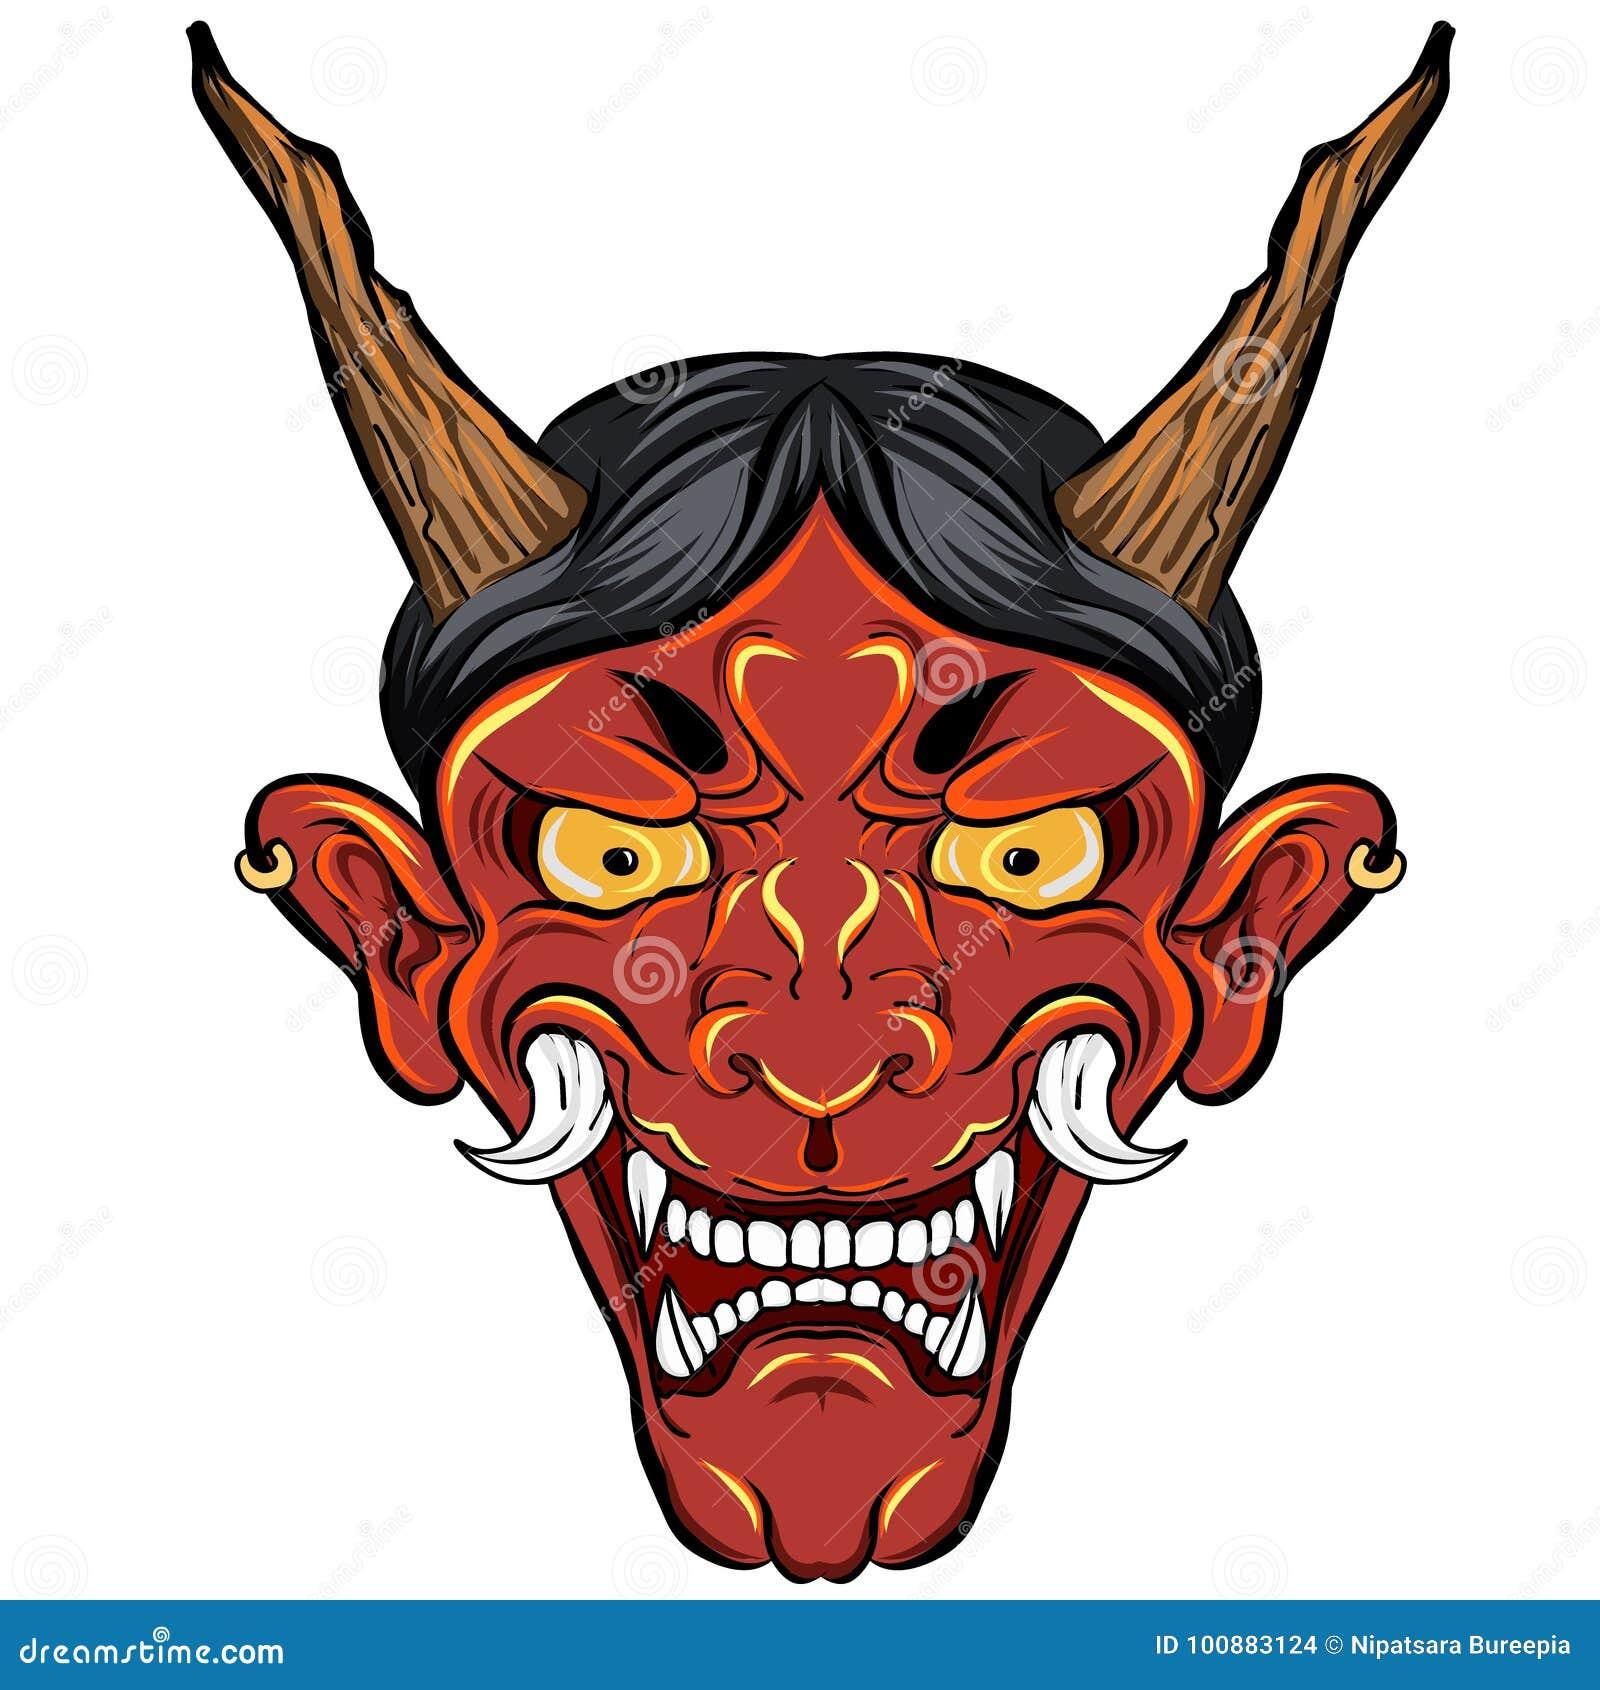 Tatouage Japonais De Masque De Demon Pour Le Bras Le Masque Tire Par